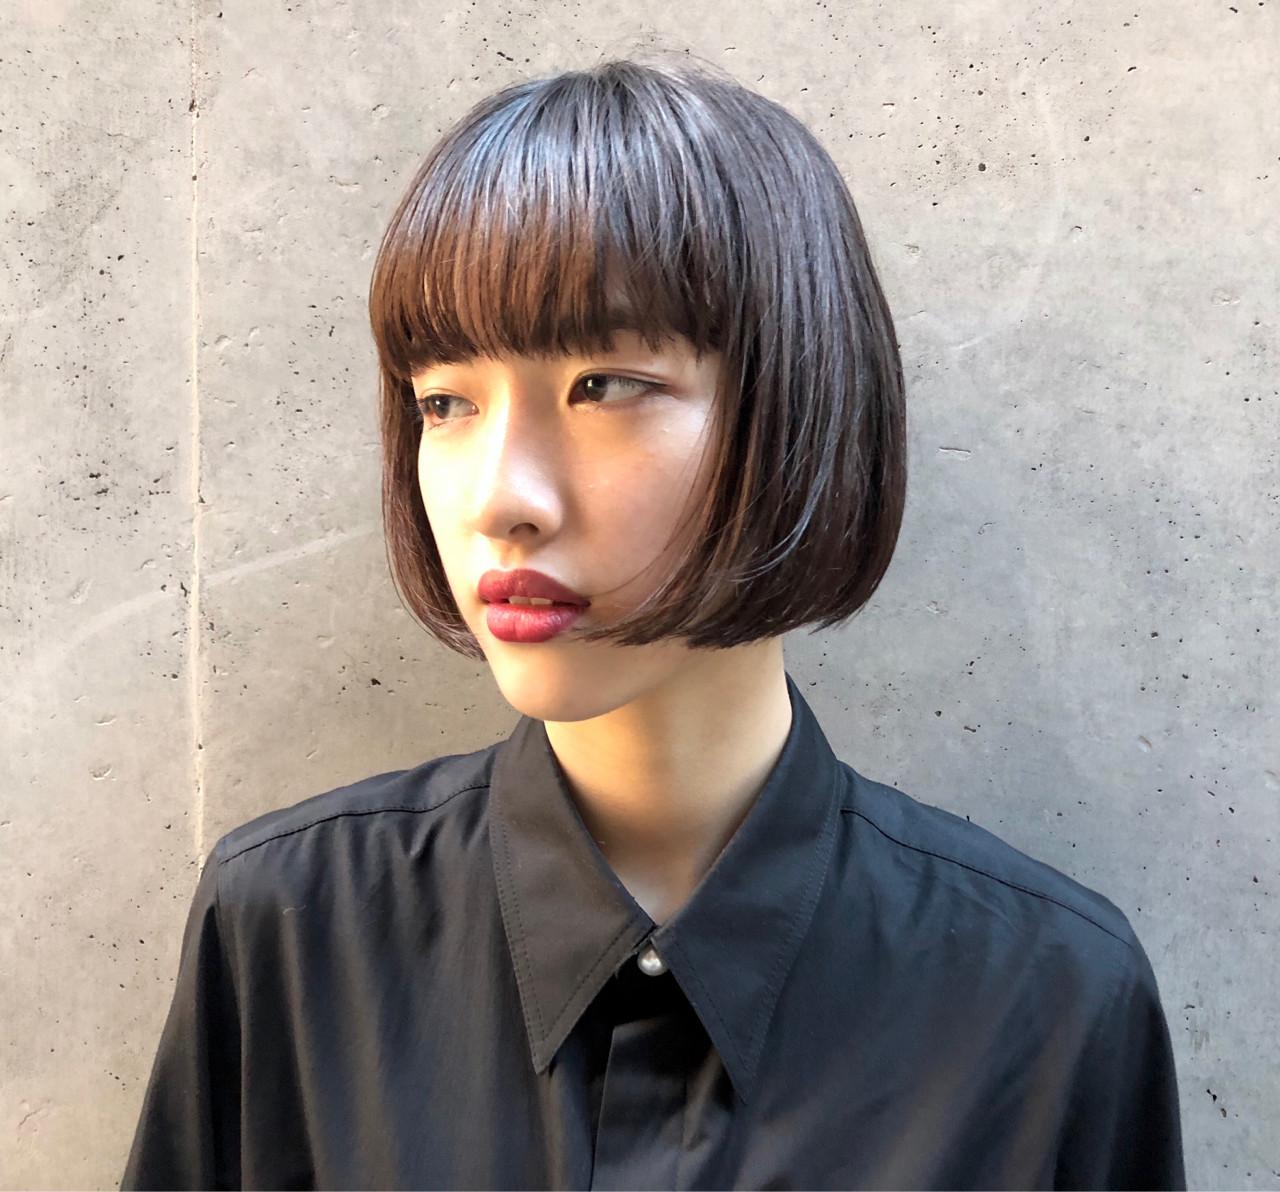 フェミニン ボブ 切りっぱなし モード ヘアスタイルや髪型の写真・画像 | MIKIZO / merci (メルシー)